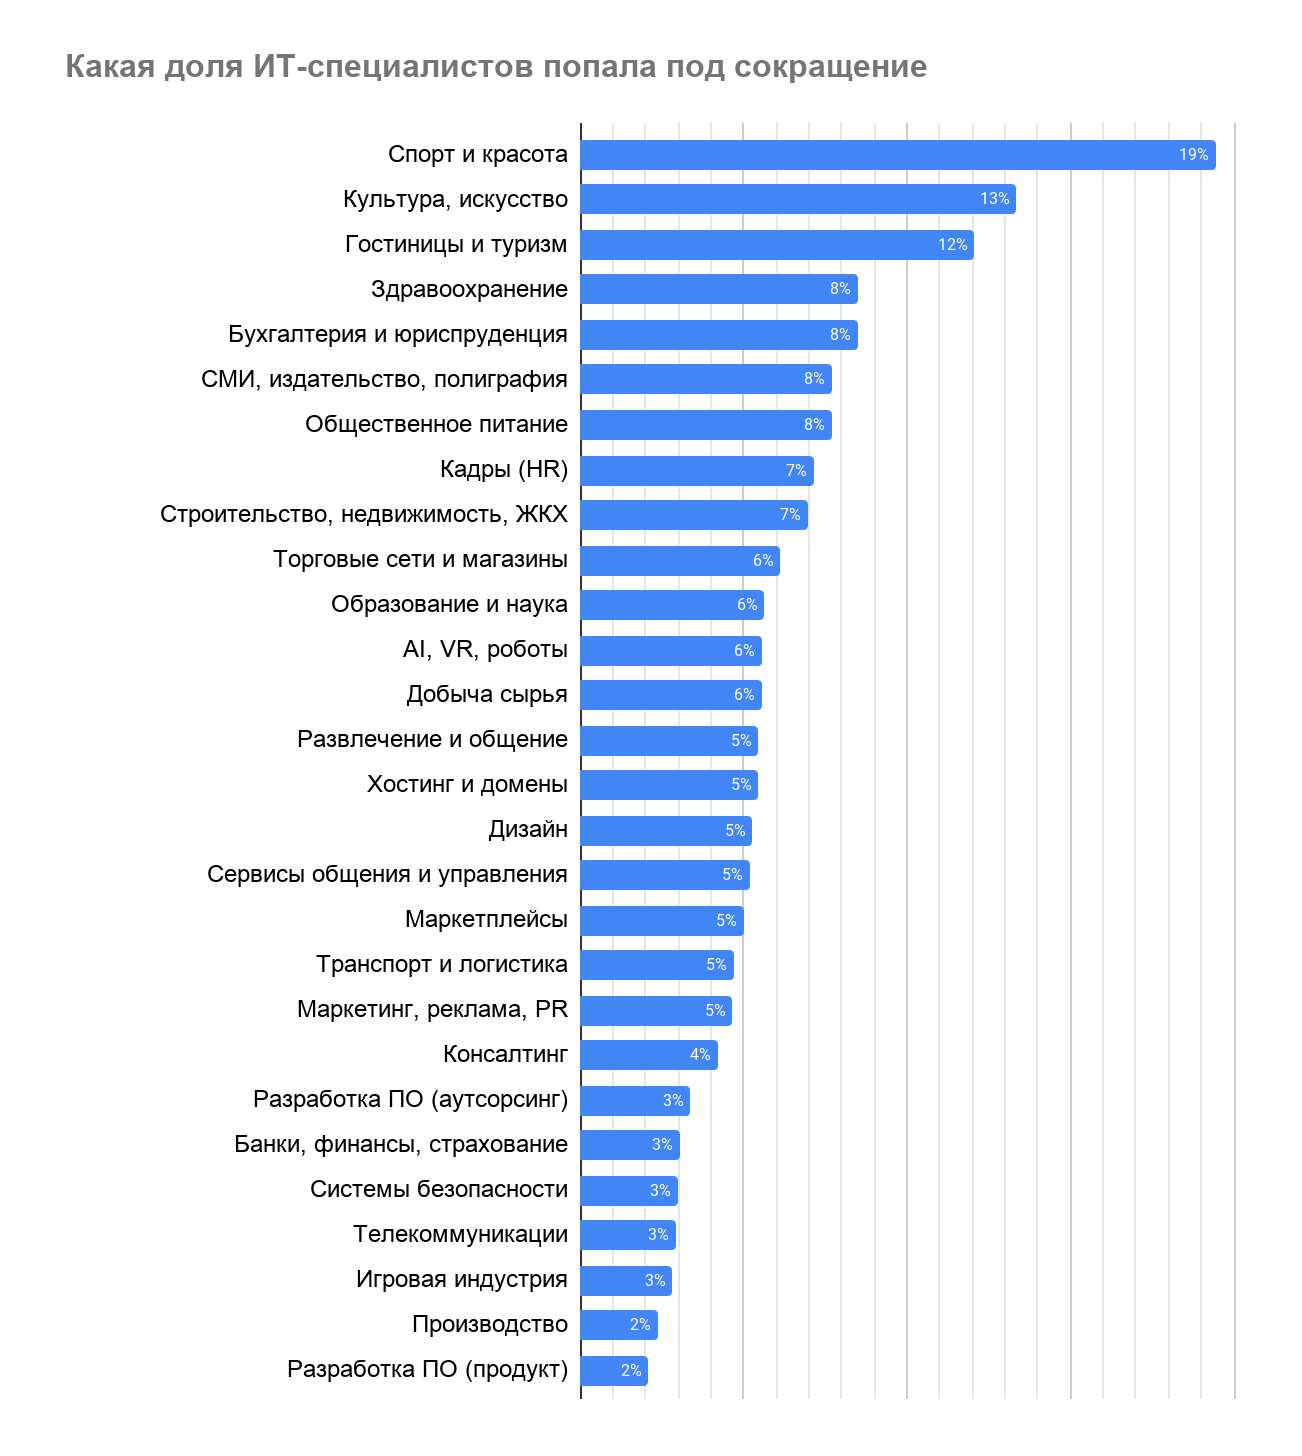 Как карантин влияет на рынок труда в IT - 19